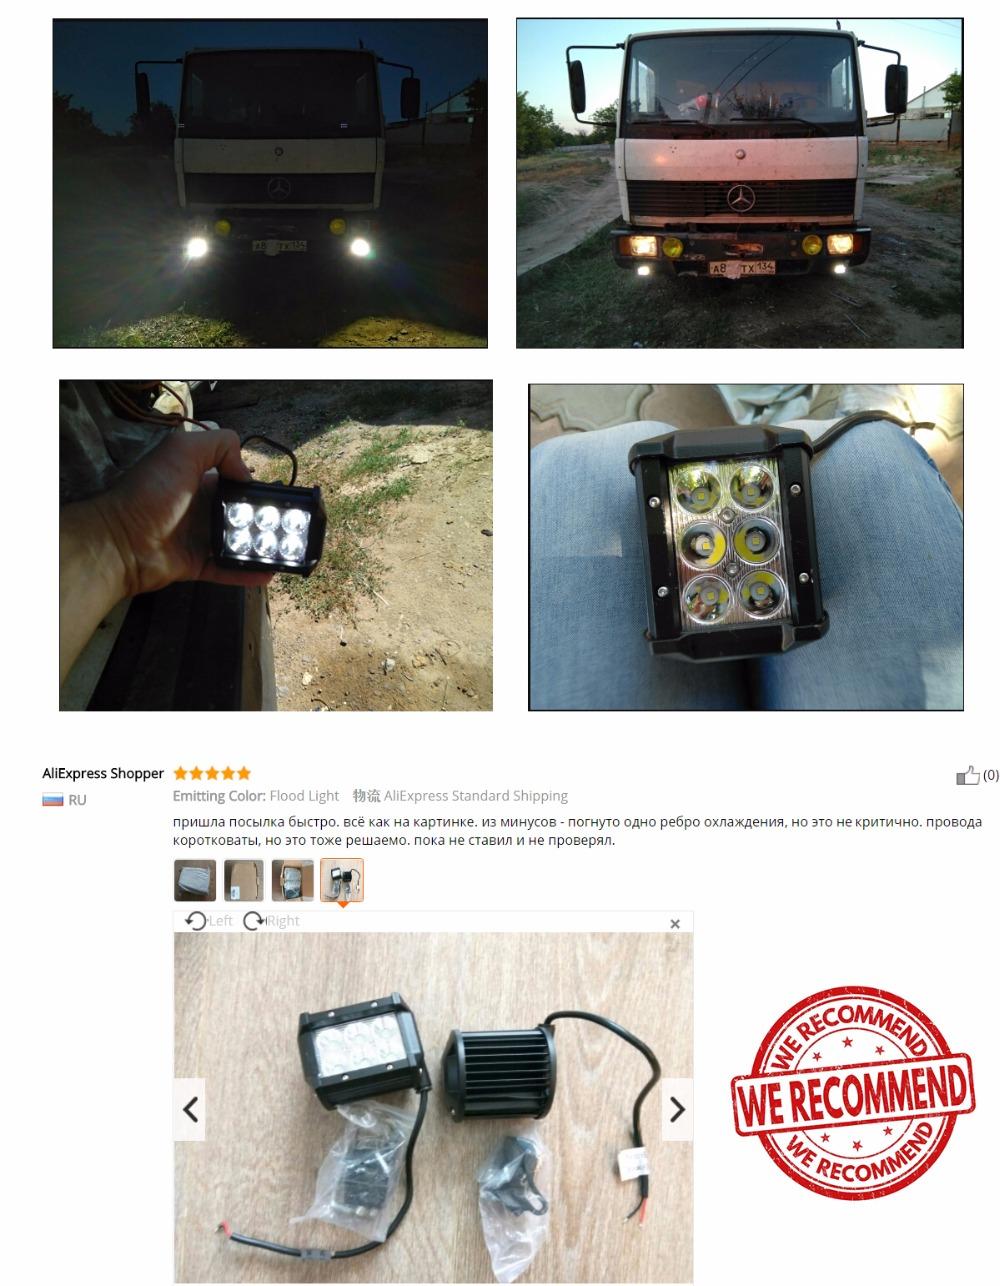 2Pcs 18W Work Light Bar 1800lm 6500K for LED Chips Car Top Flood Beam Driving Lamp for 12v 24v Vehicle SUV ATV etc